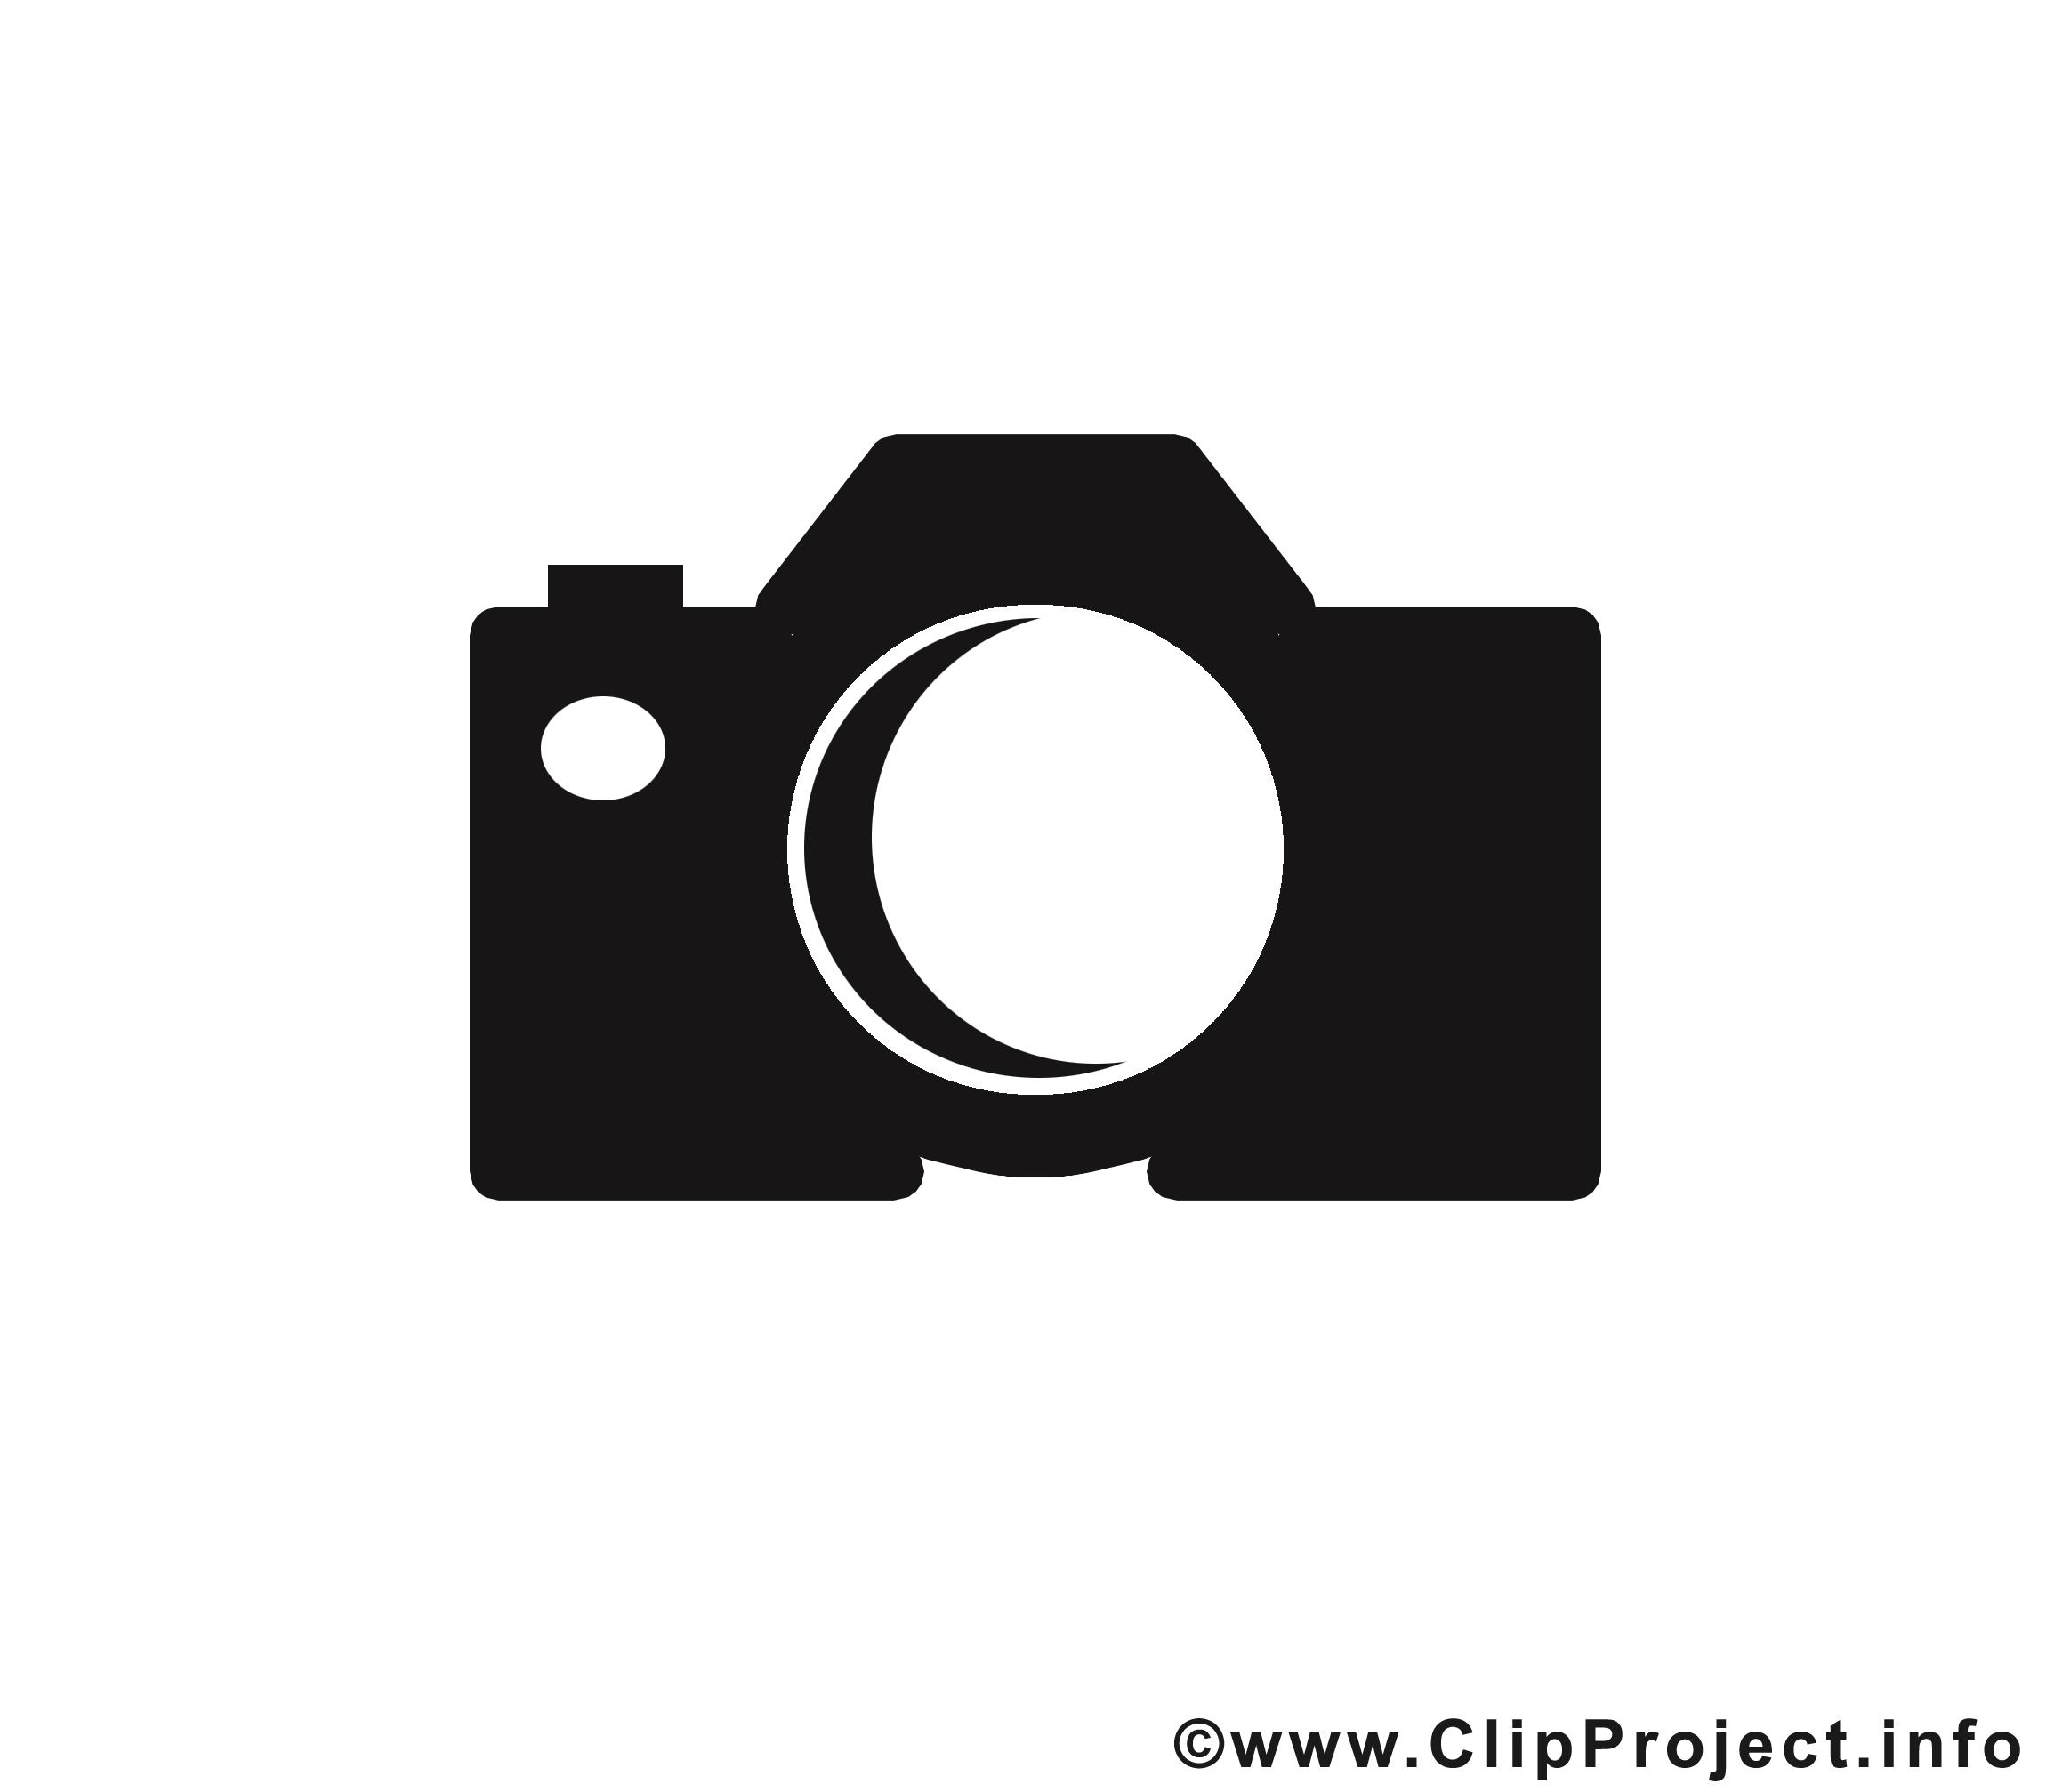 clipart appareil photo - photo #24